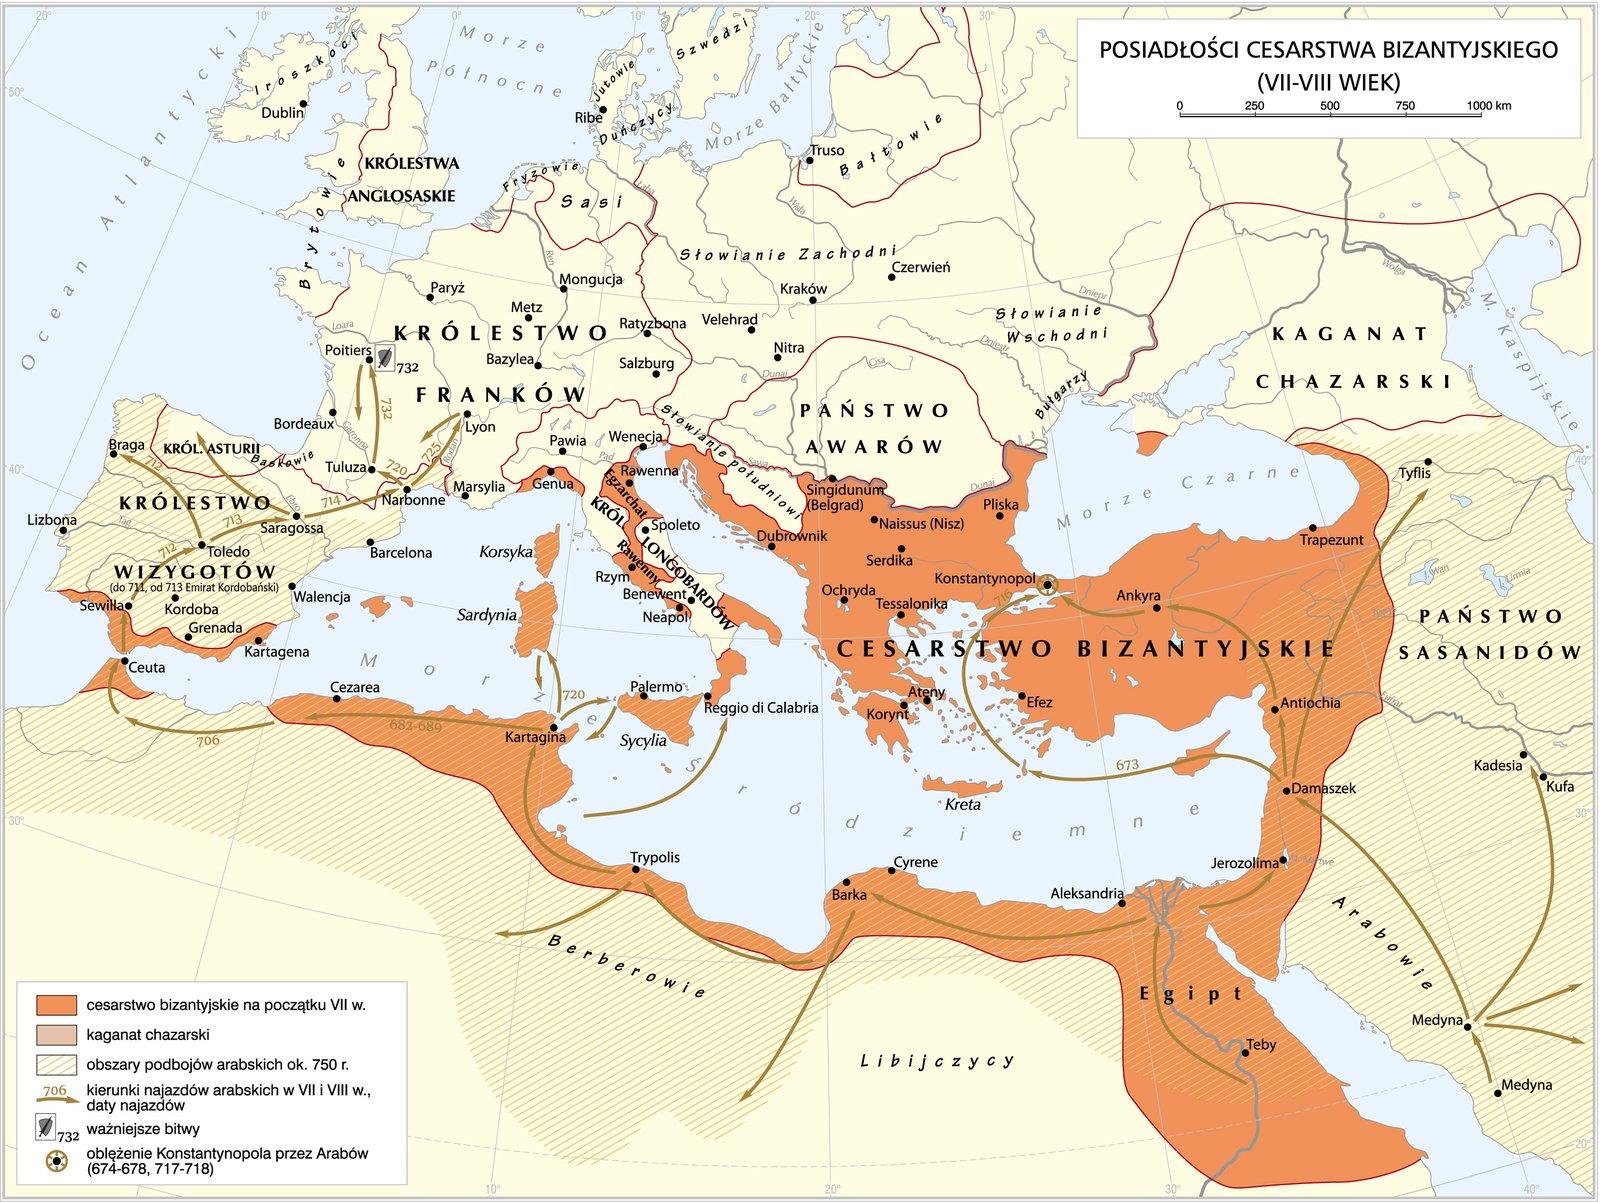 mapa - Cesarstwo Bizantyjskie